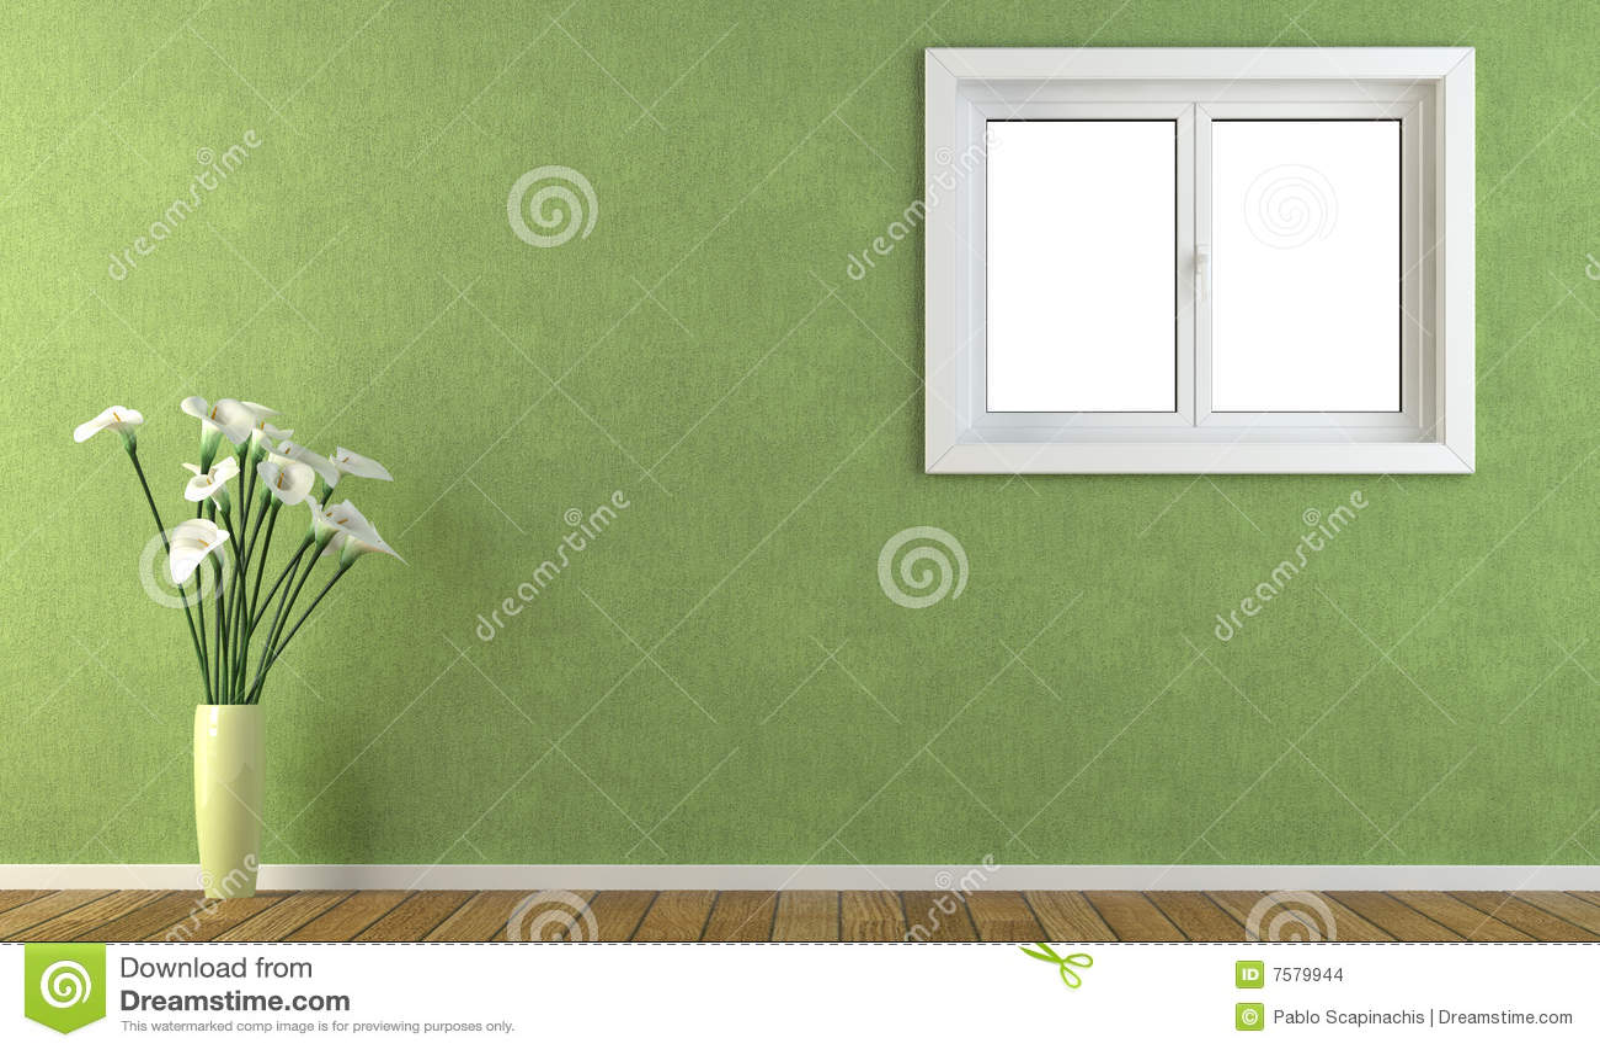 Groene Muur Met Een Venster Stock Afbeeldingen - Beeld: 7579944